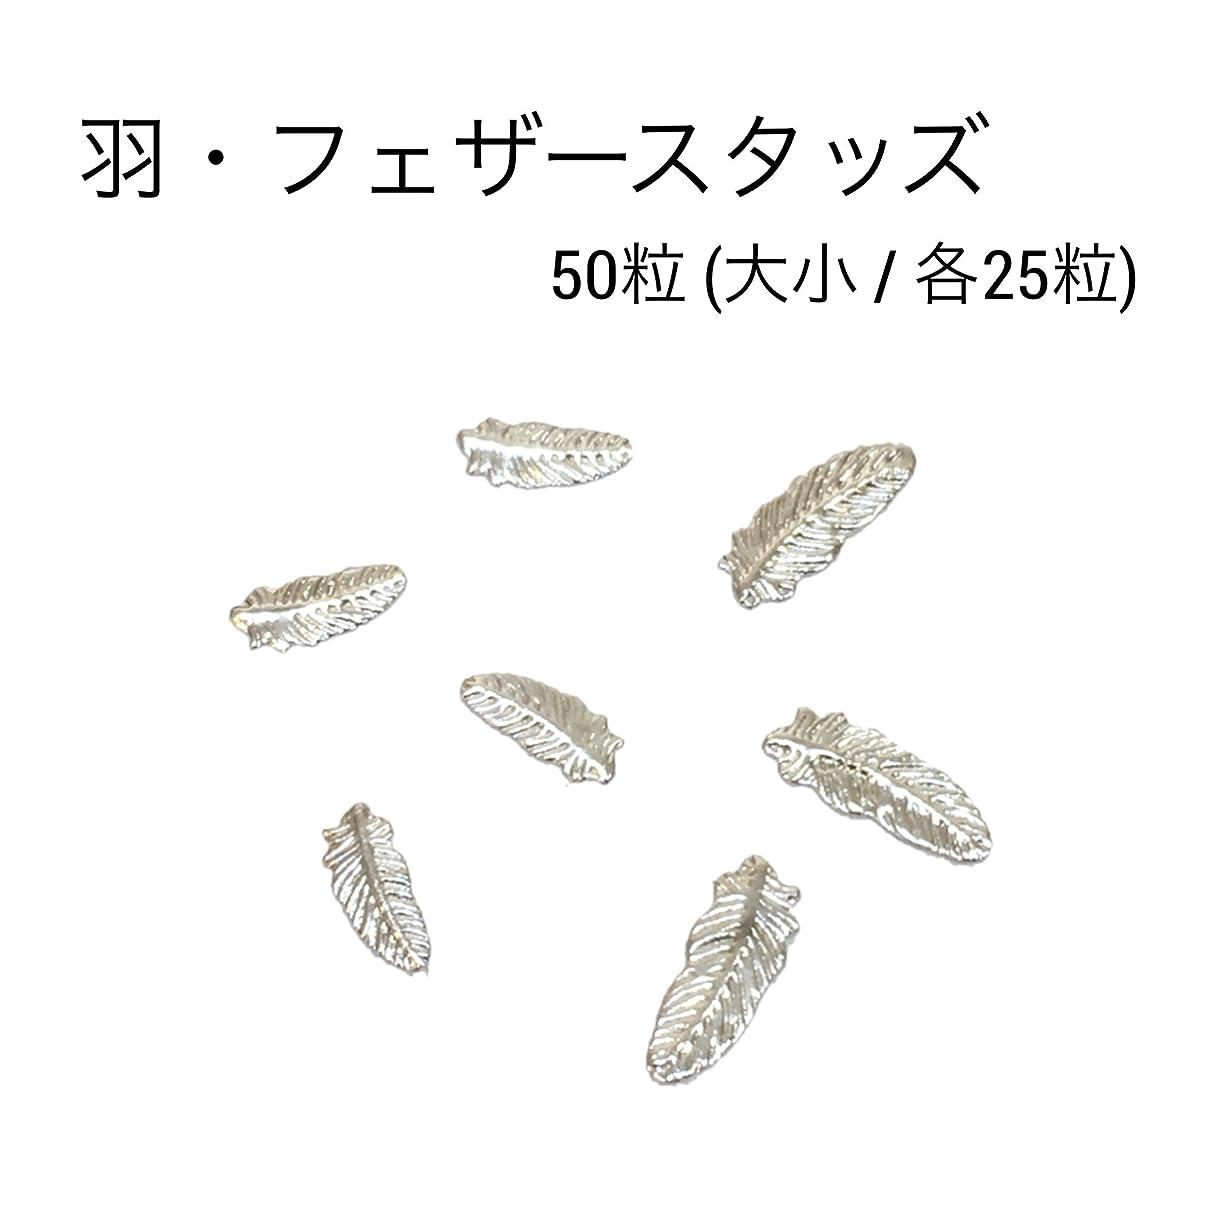 無効ステーキ孤独羽?フェザースタッズ シルバー50粒/(大.小/各25粒)